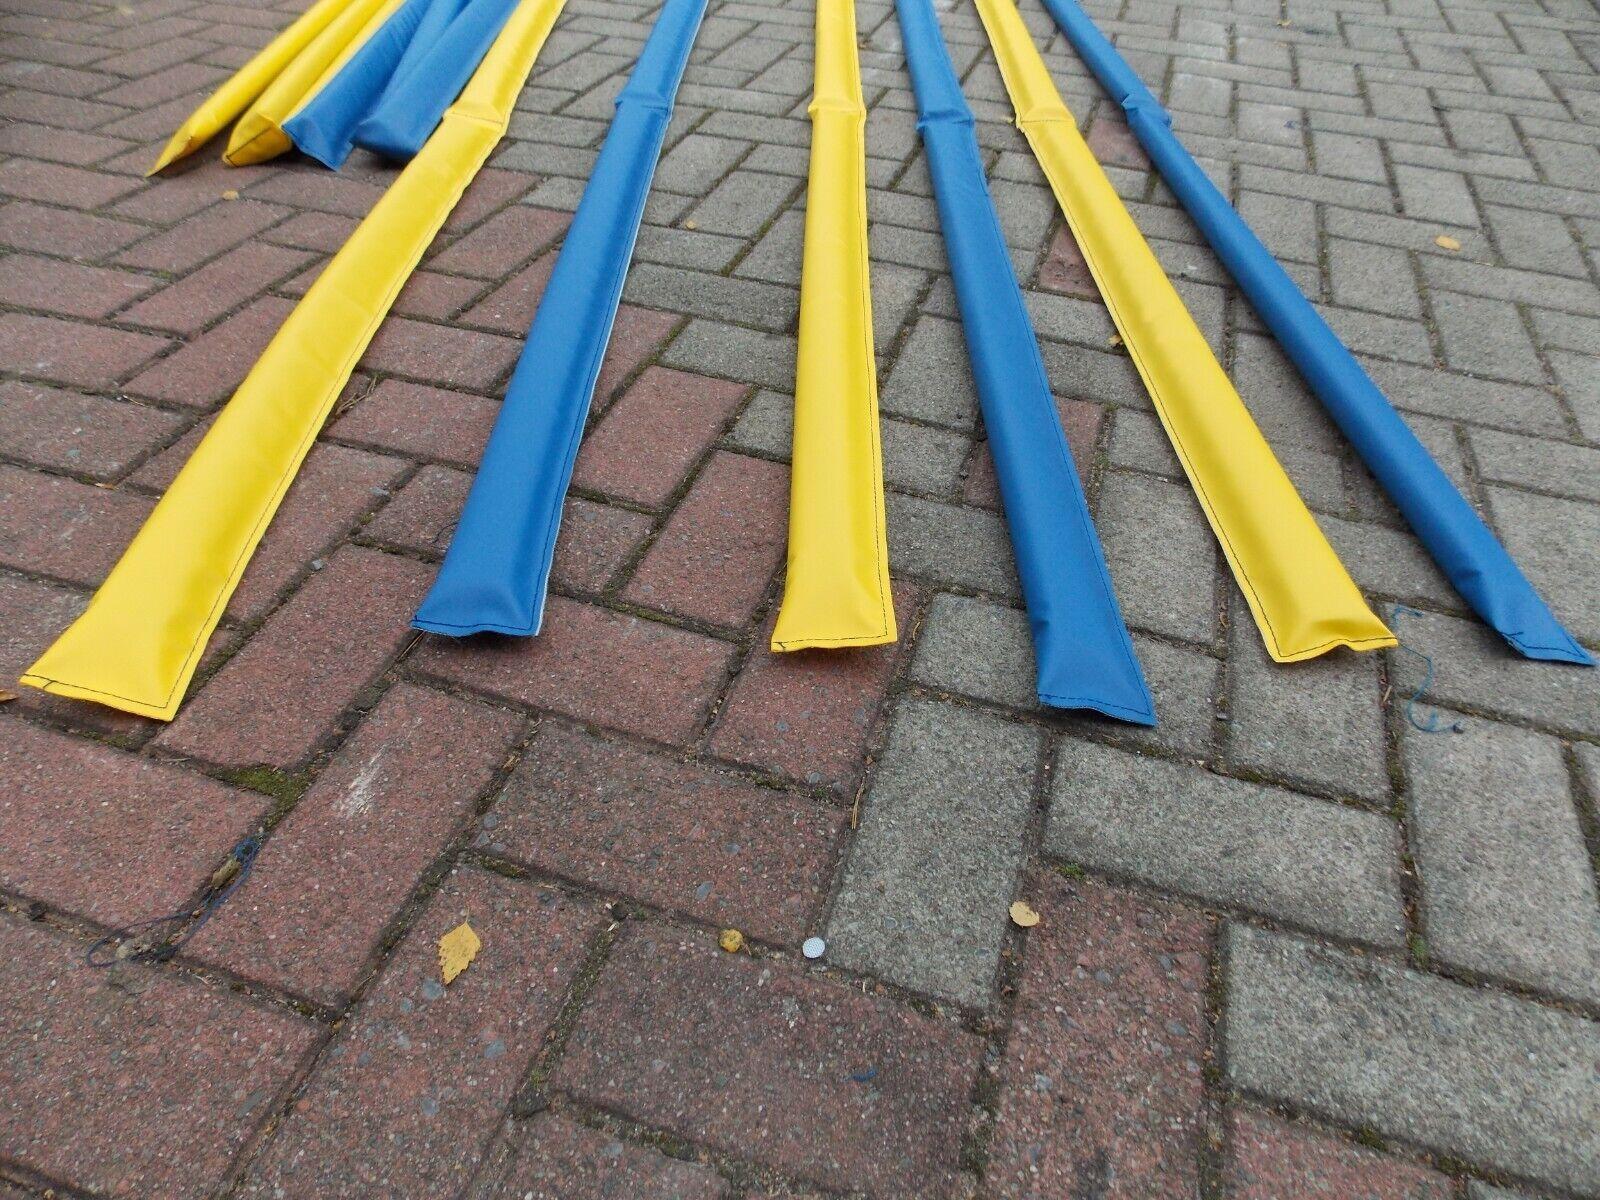 8 Stück gassen klappbar klappbar klappbar 4x gelb und 4x blau mit Tasche ähnlich Dualgassen..° de1282